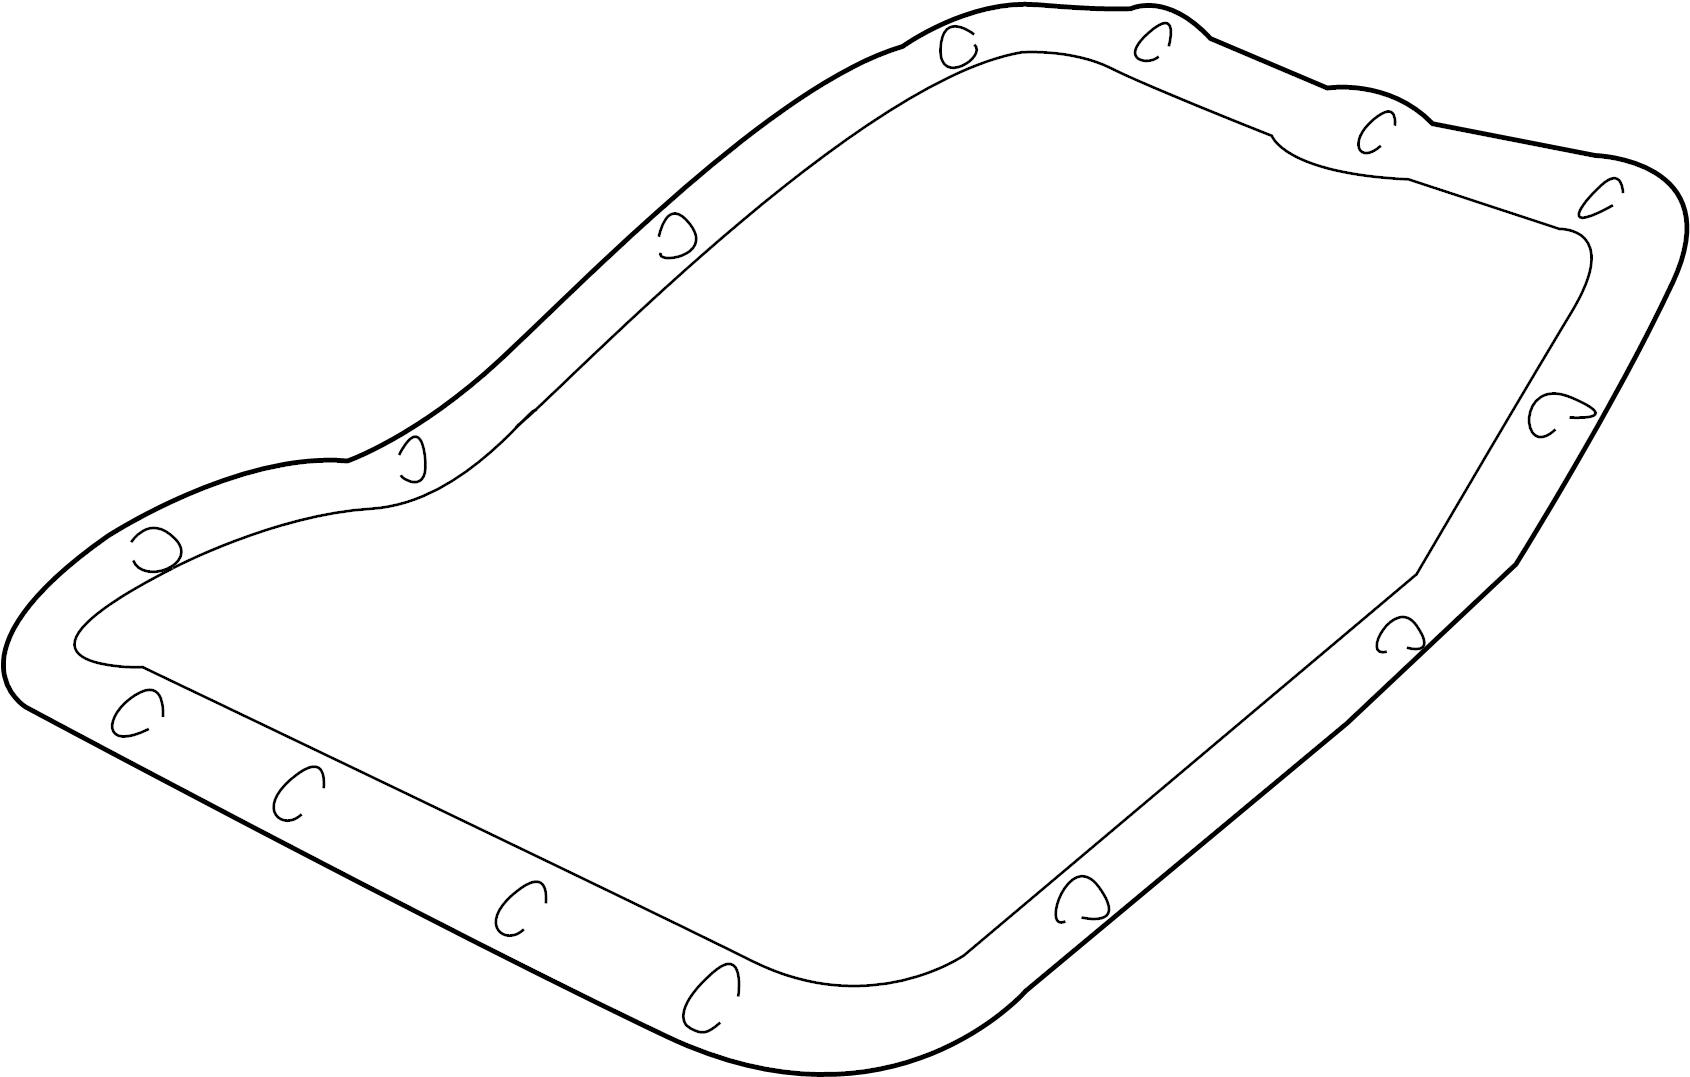 Dodge Transmission Overdrive Solenoid Diagram